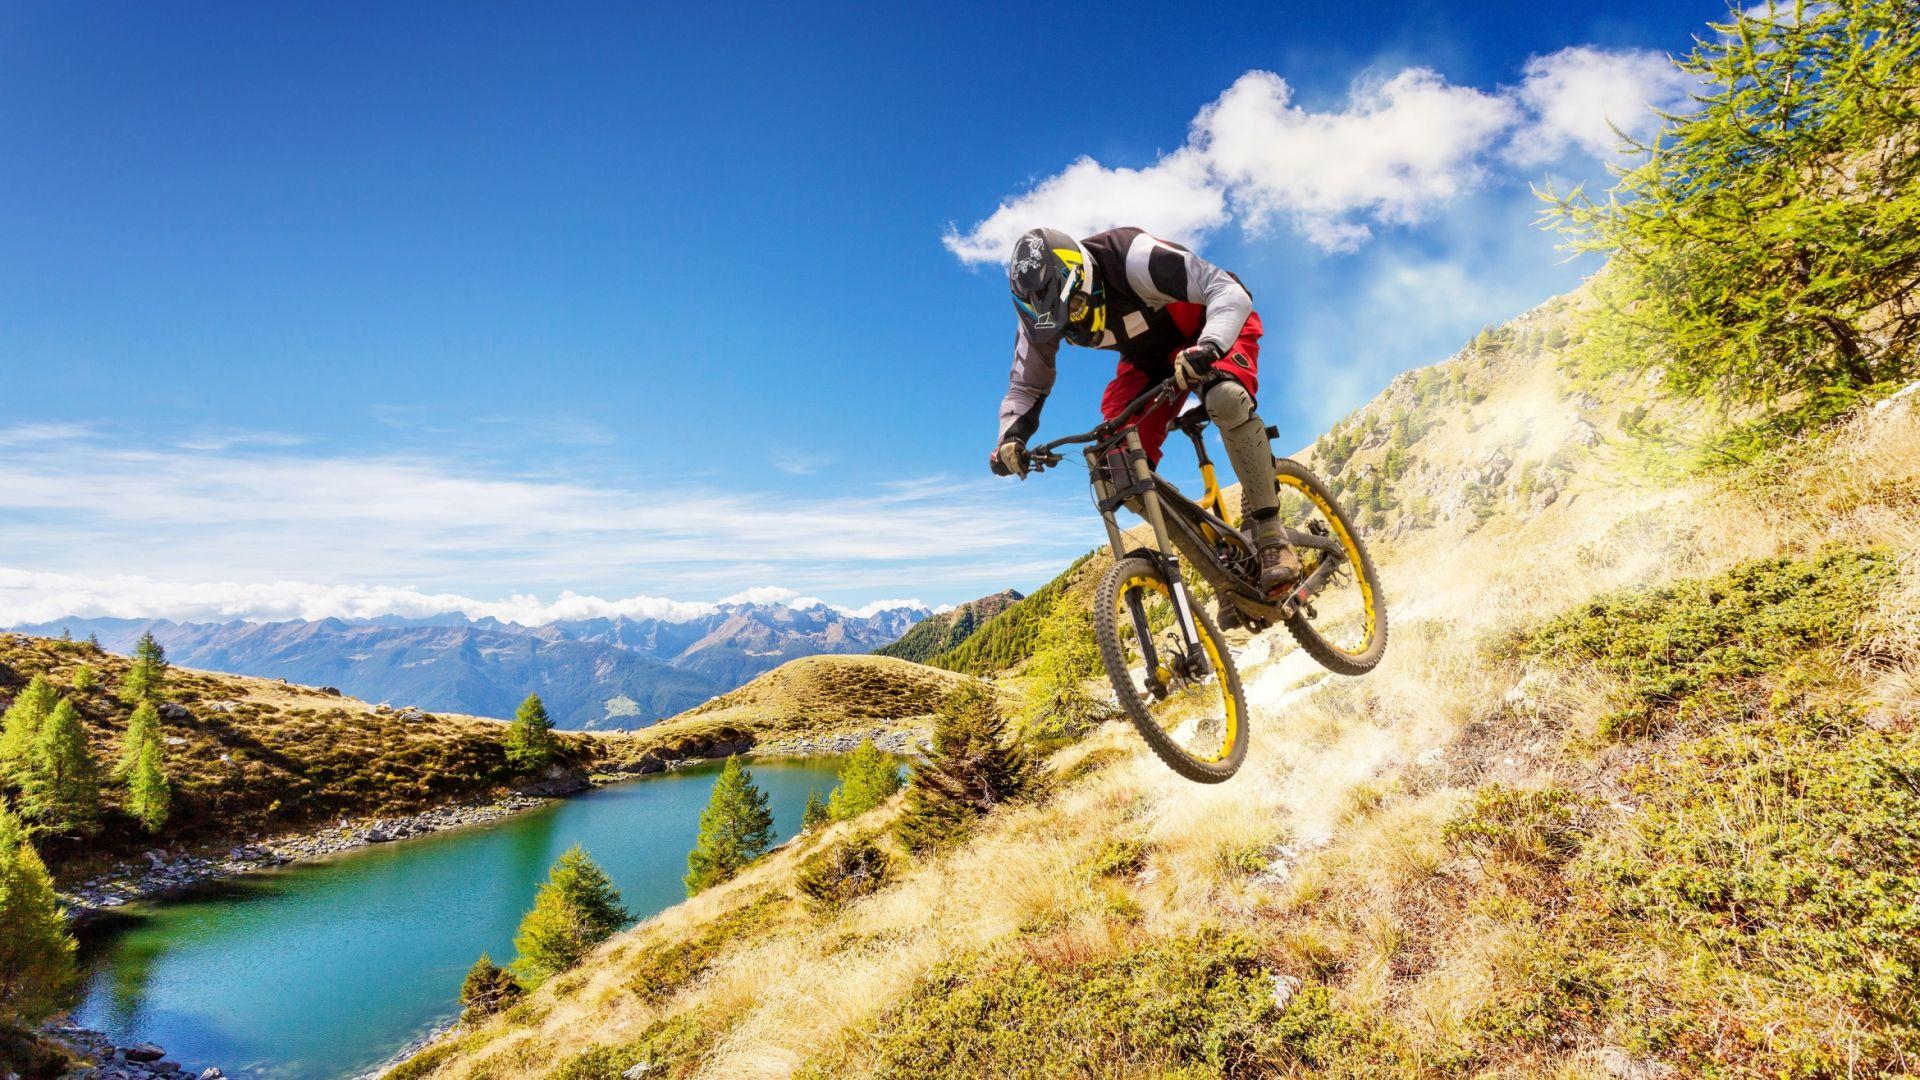 Wallpaper Bike riding, sports, landscape, mountains